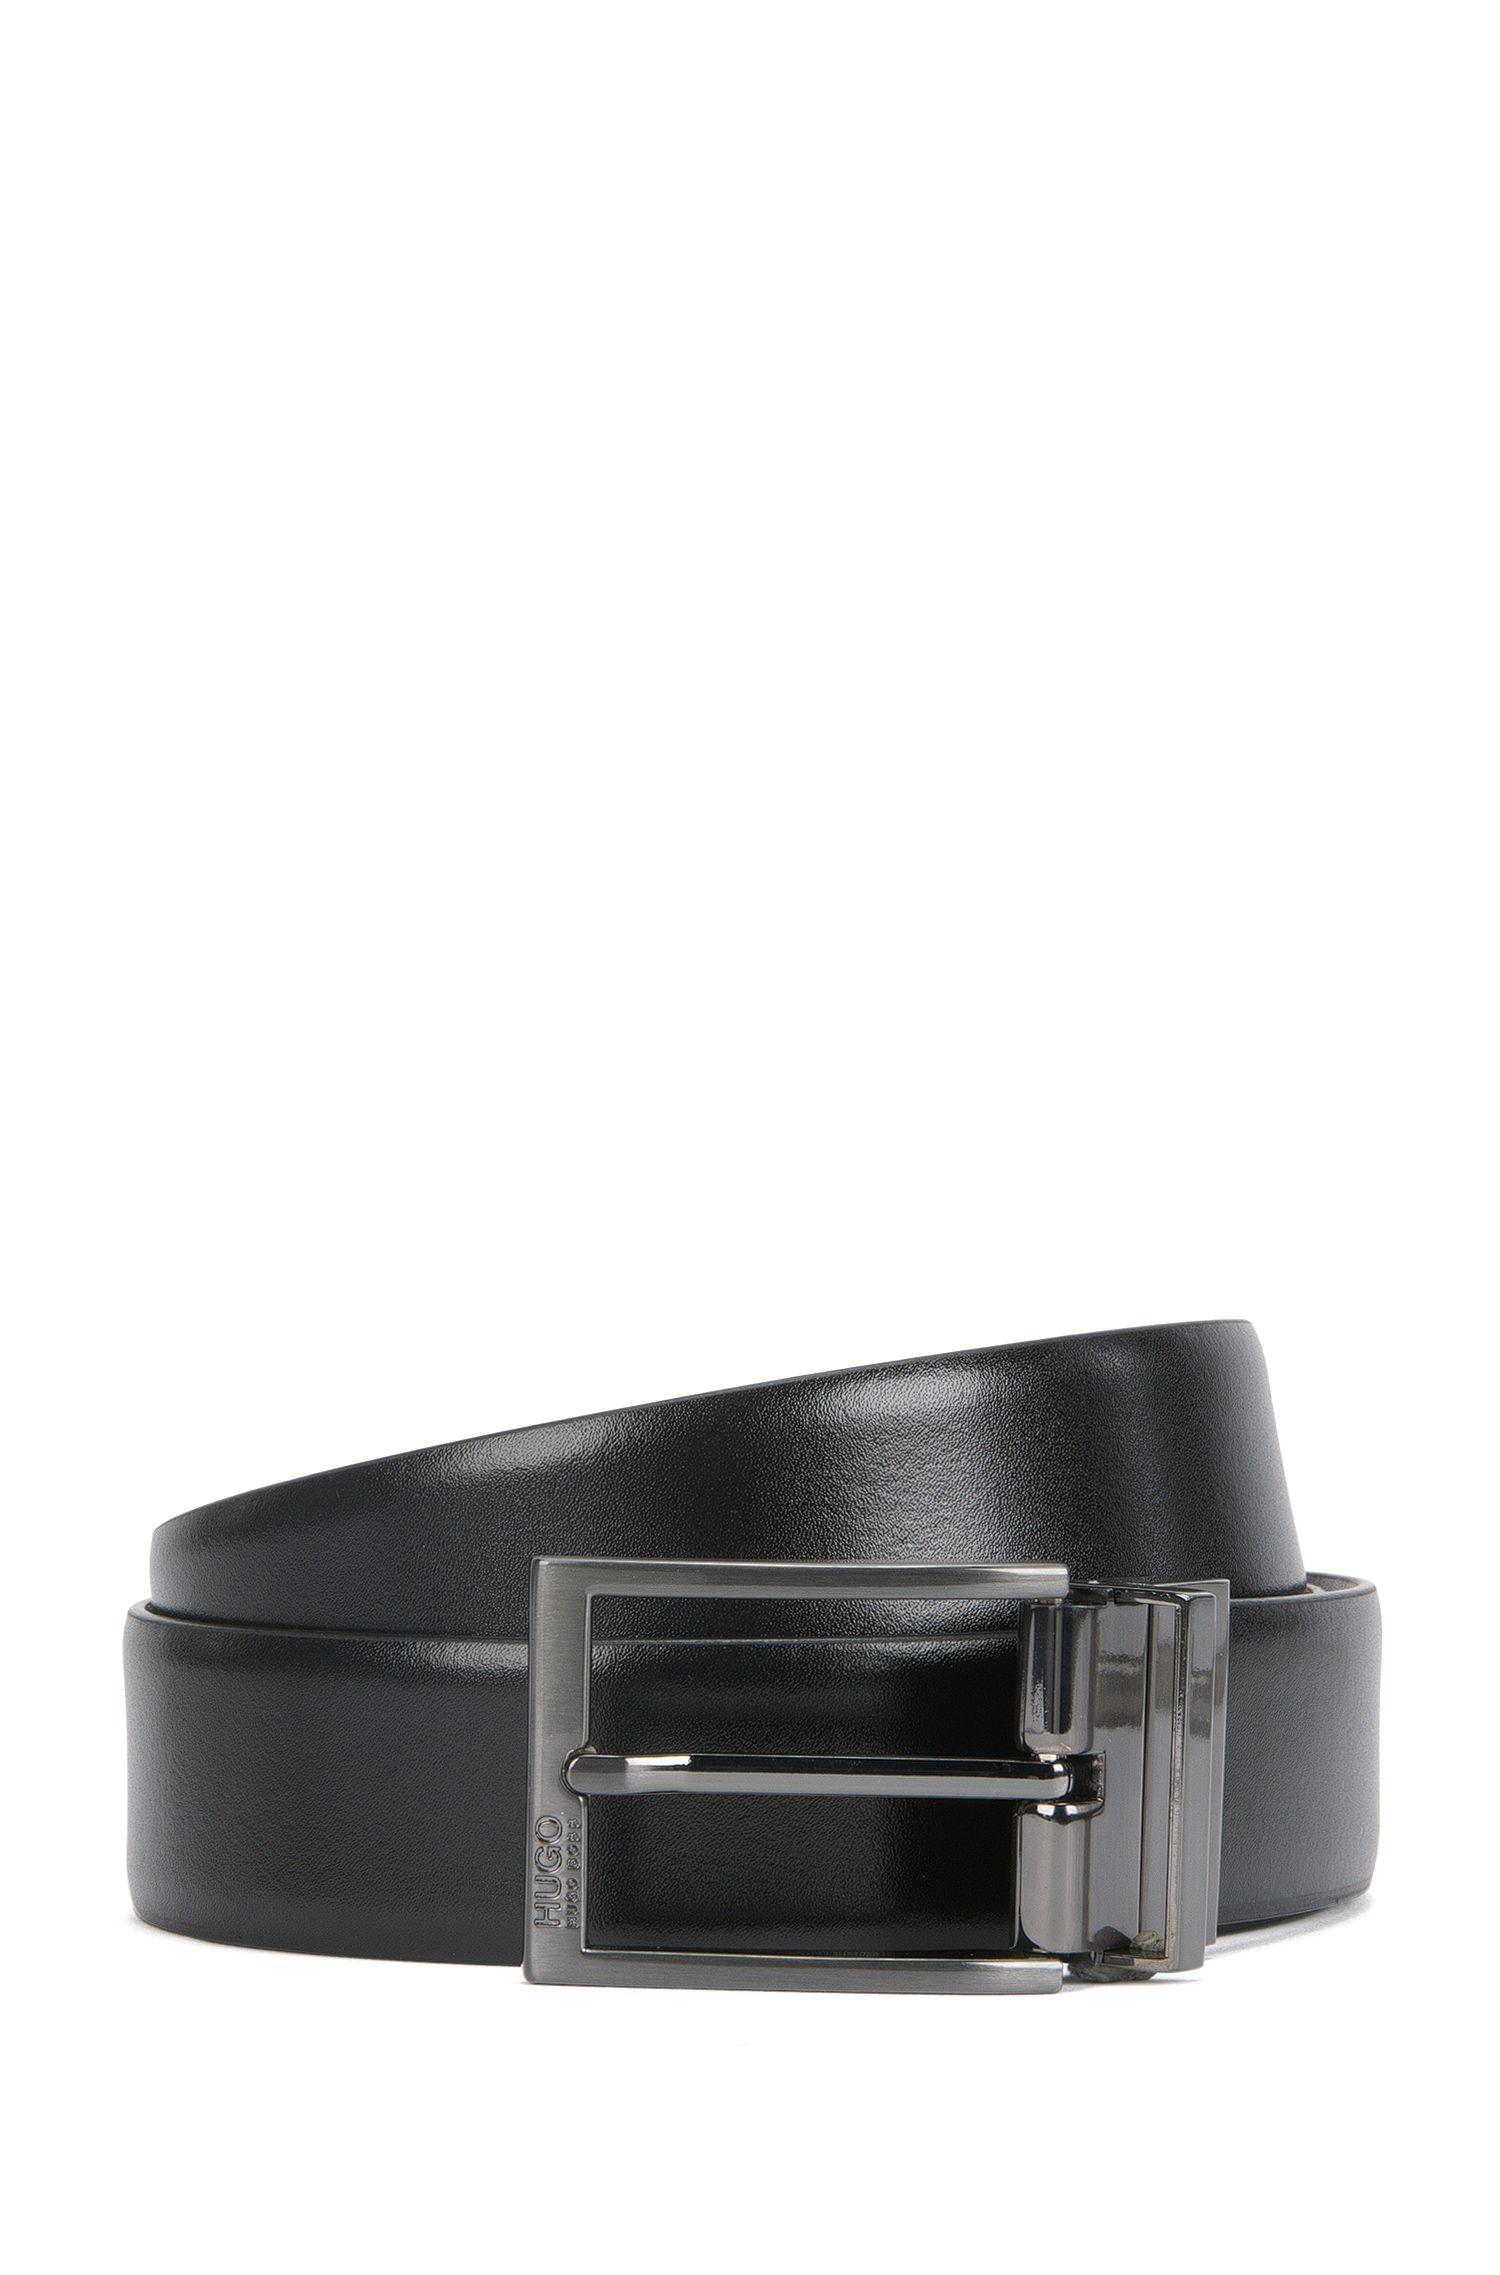 Wendegürtel aus Leder mit gebürsteter Metall-Schließe